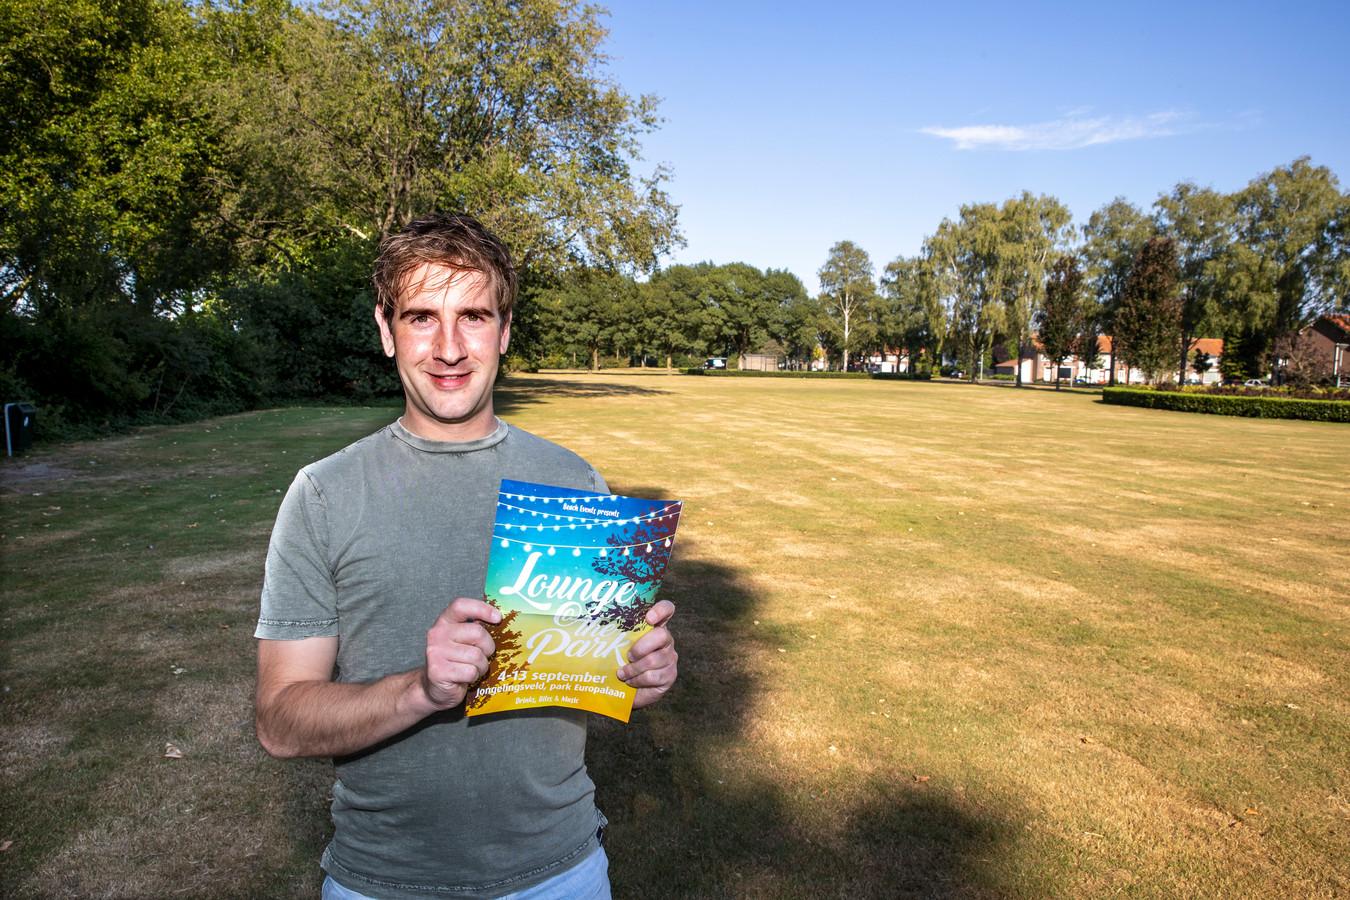 Organisator Renzo Dielesen op het Jongelingsveld aan de Europalaan waar in september Lounge @ The Park is.